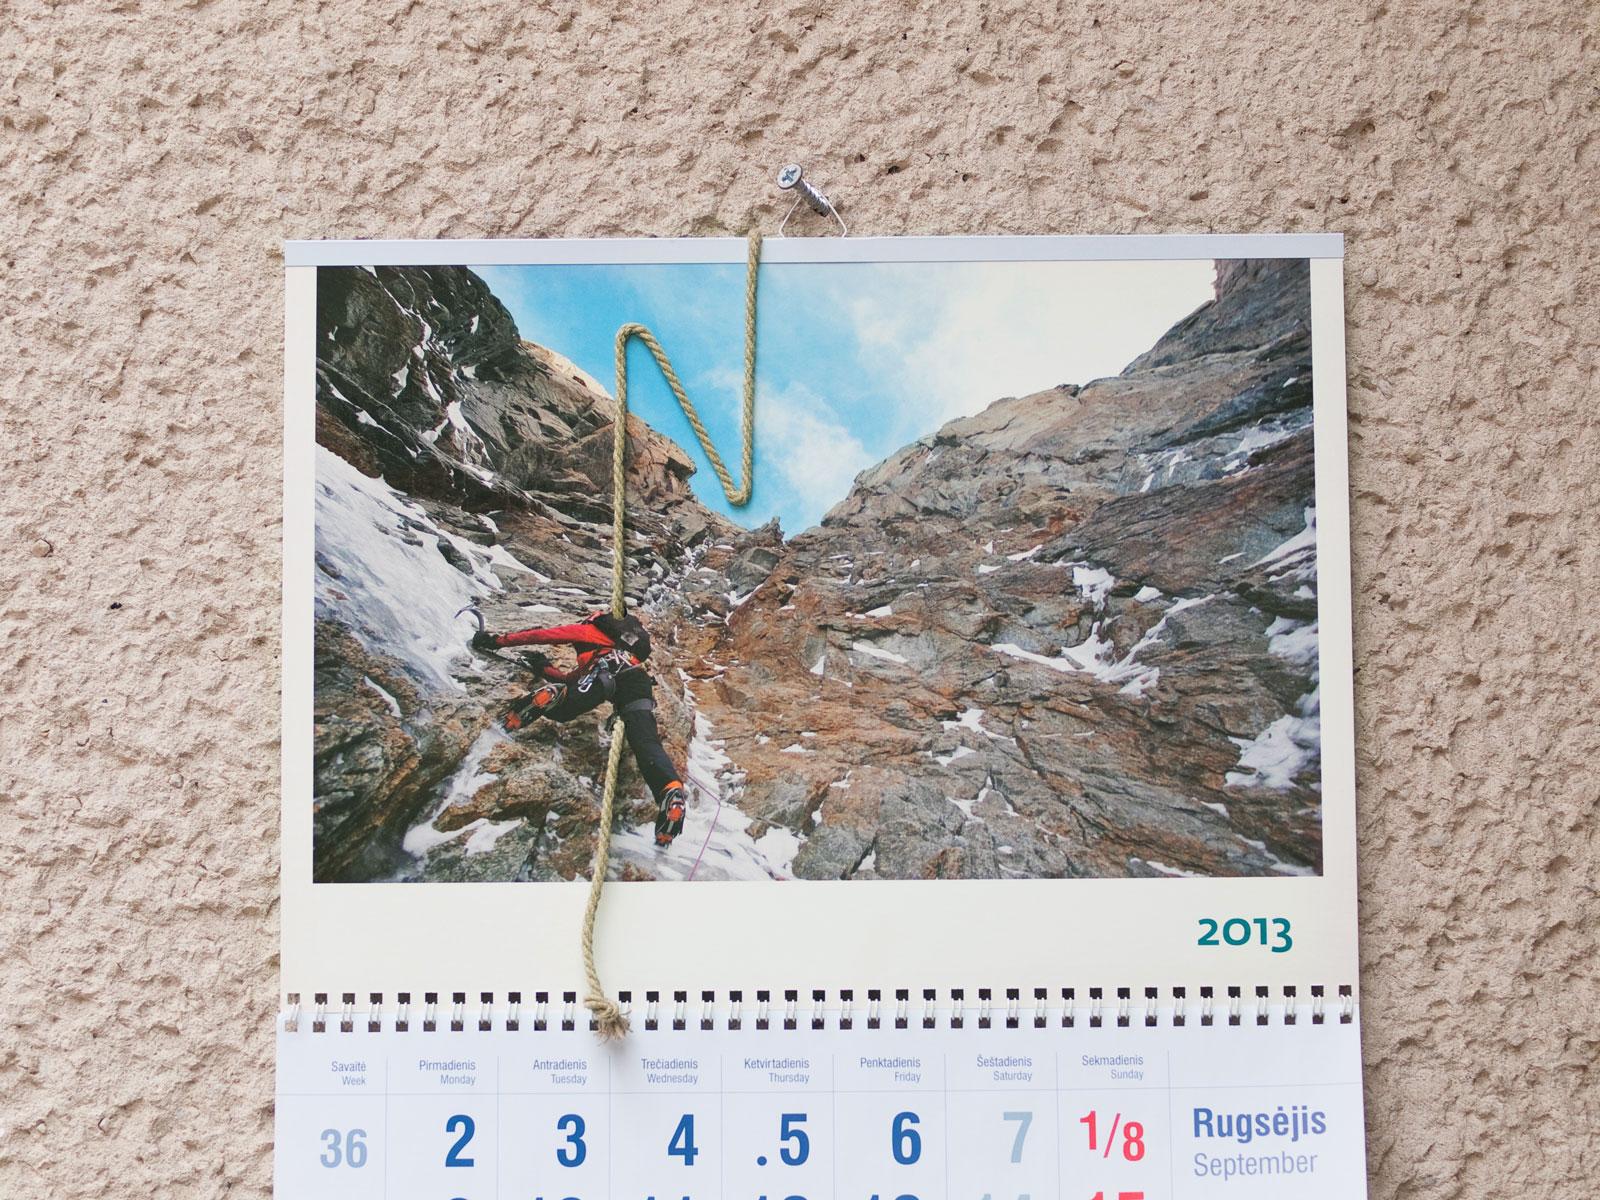 Sieninis įmonės kalendorius